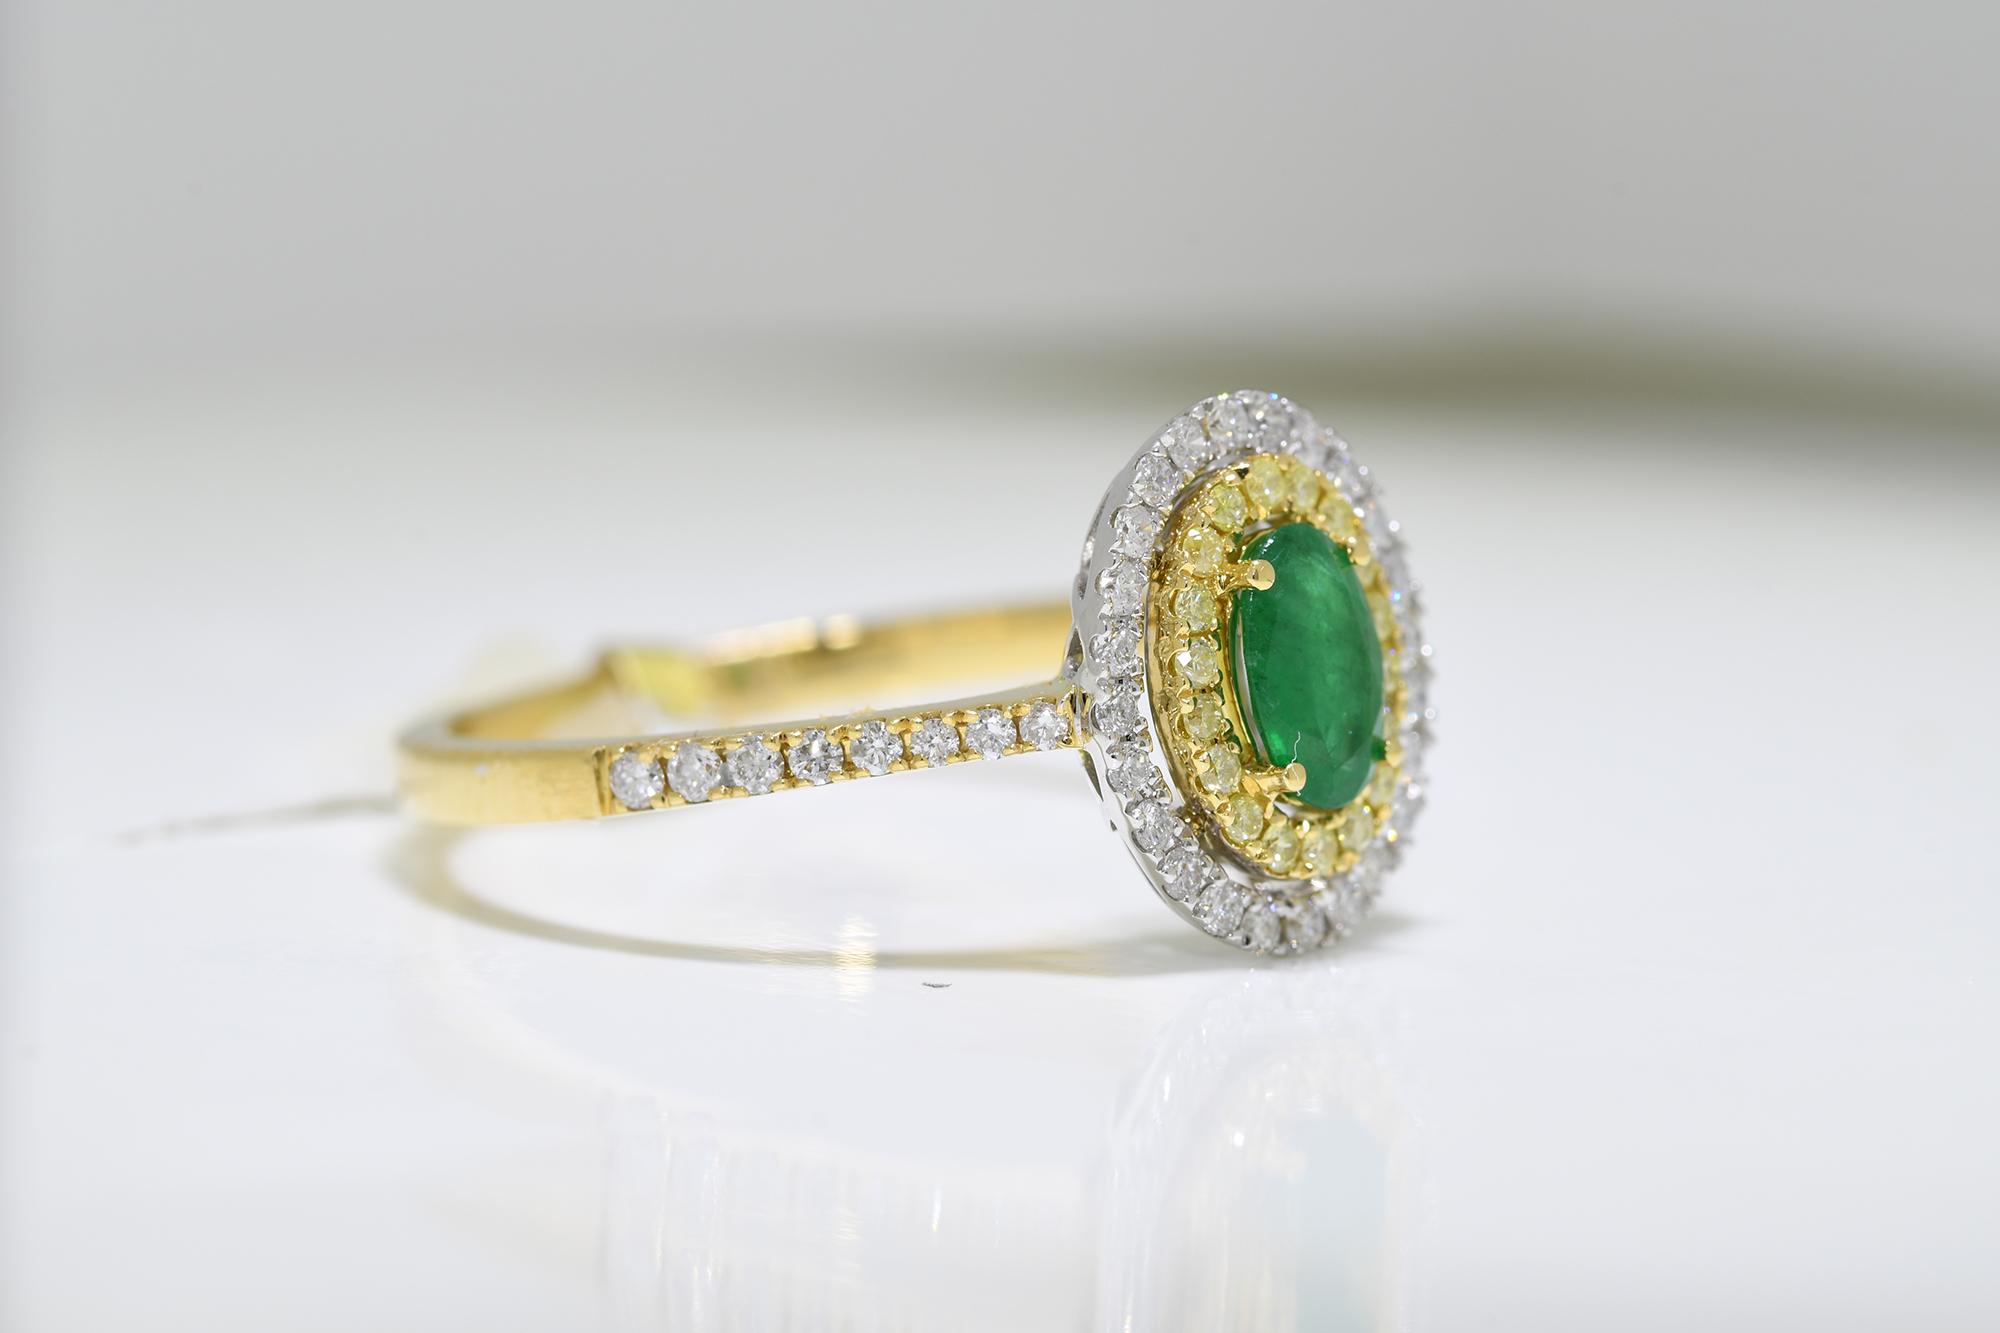 Emerald, Yellow & White Diamond Ring